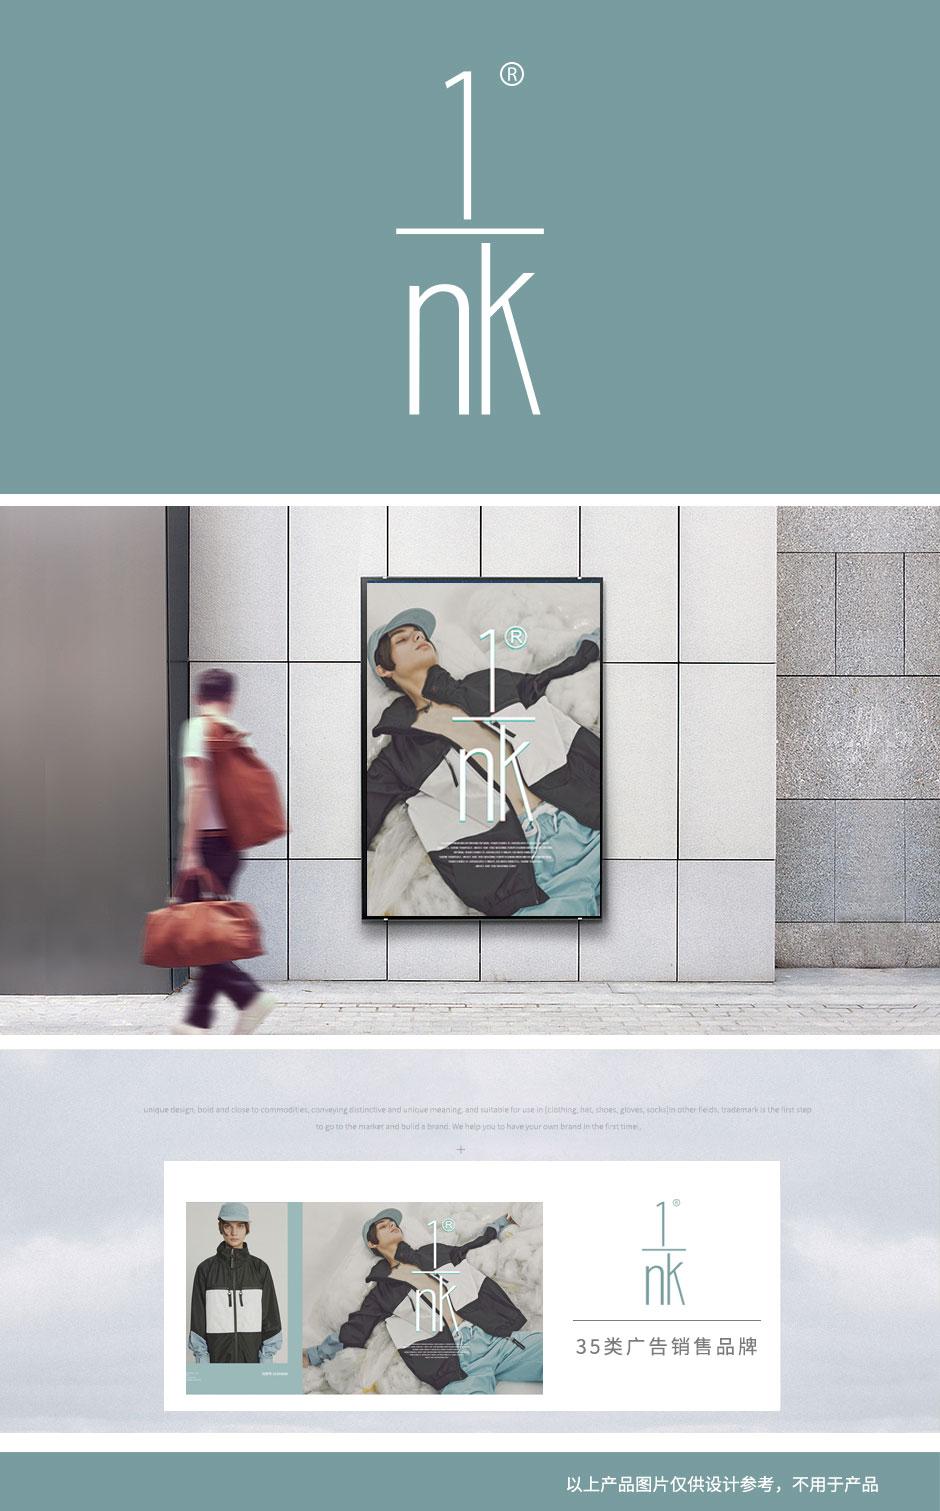 第35类-NK-1